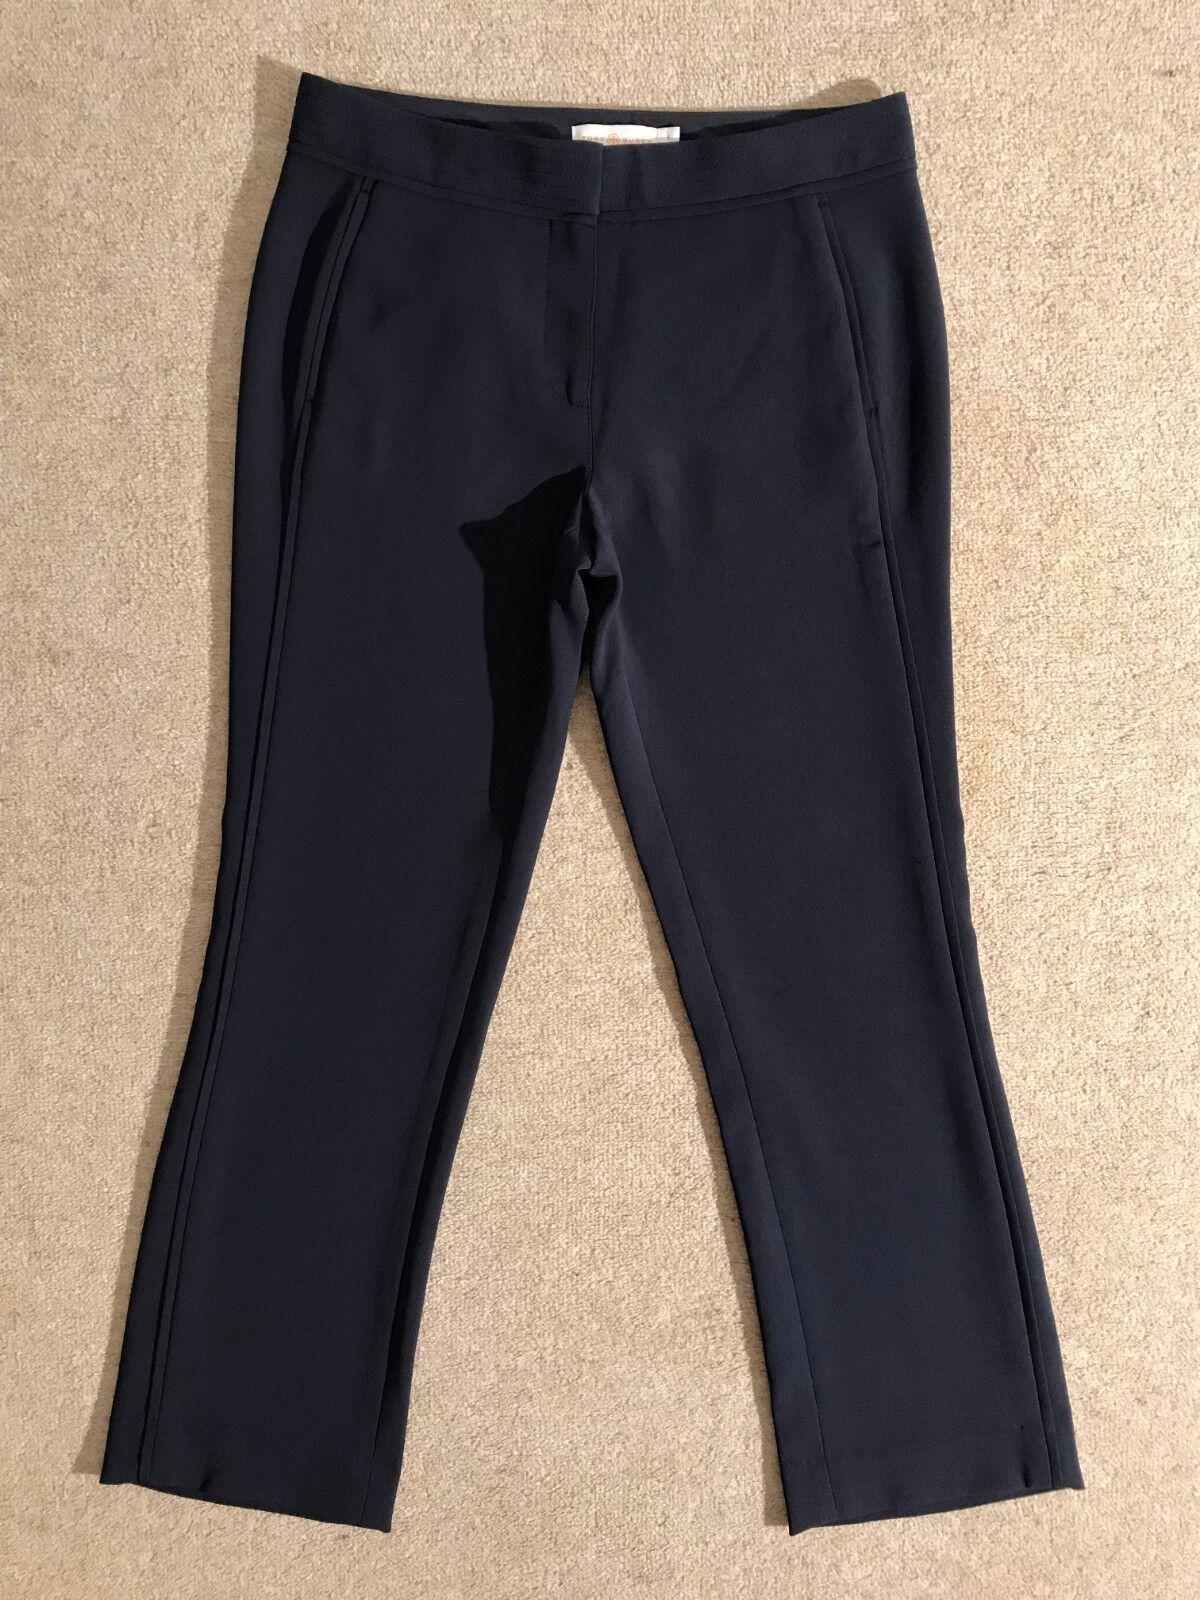 TORY Burch Blu Navy gamba dritta alla caviglia caviglia caviglia taglio pantalone US 0 Immacolata 81f2ff